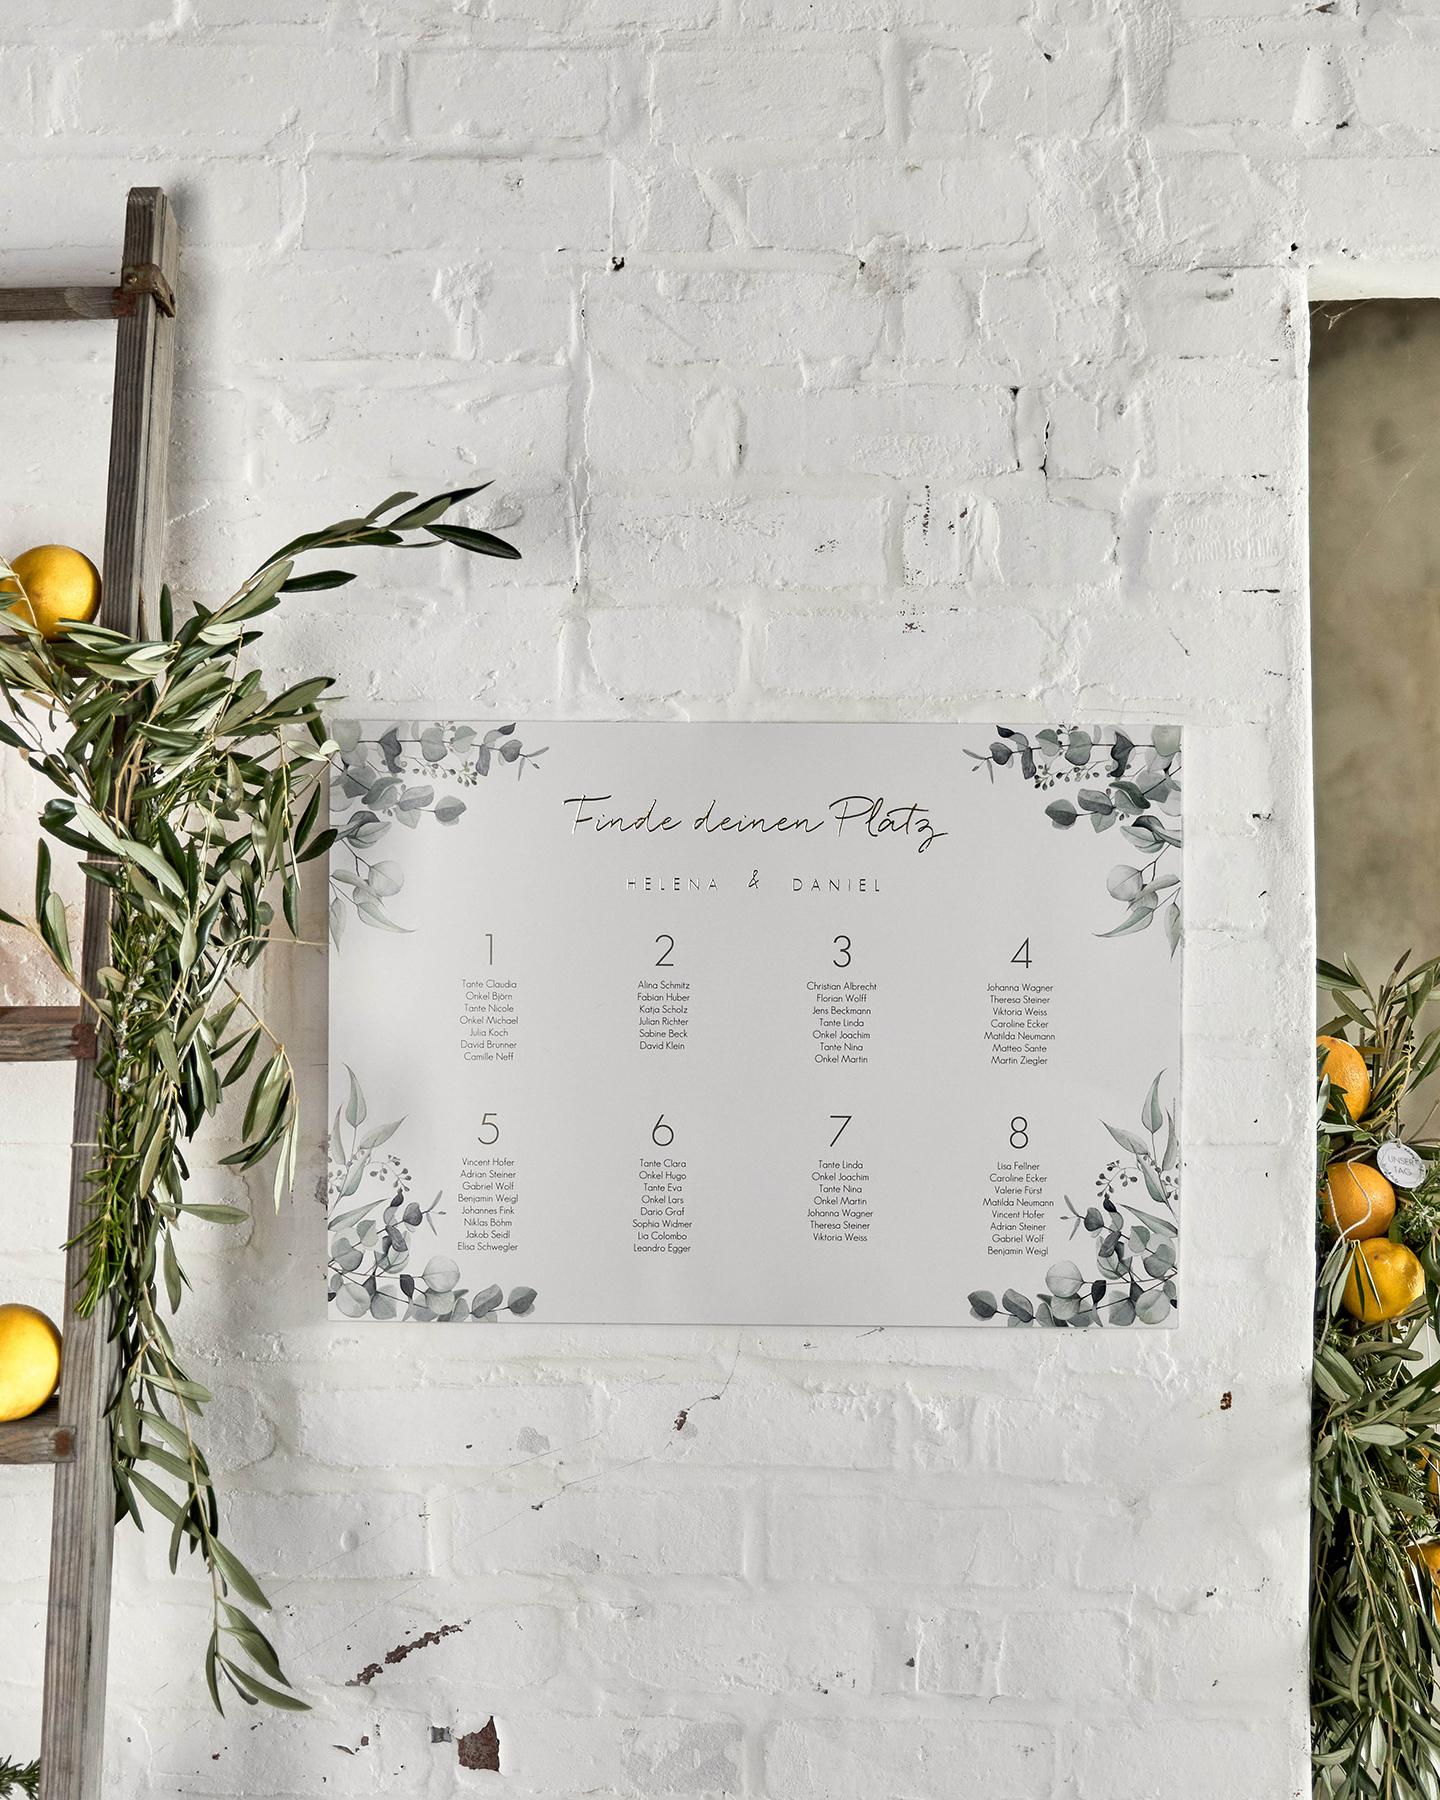 Großer Sitzplan am Eingang der Hochzeitslocation weist den Gästen ihre Plätze zu.